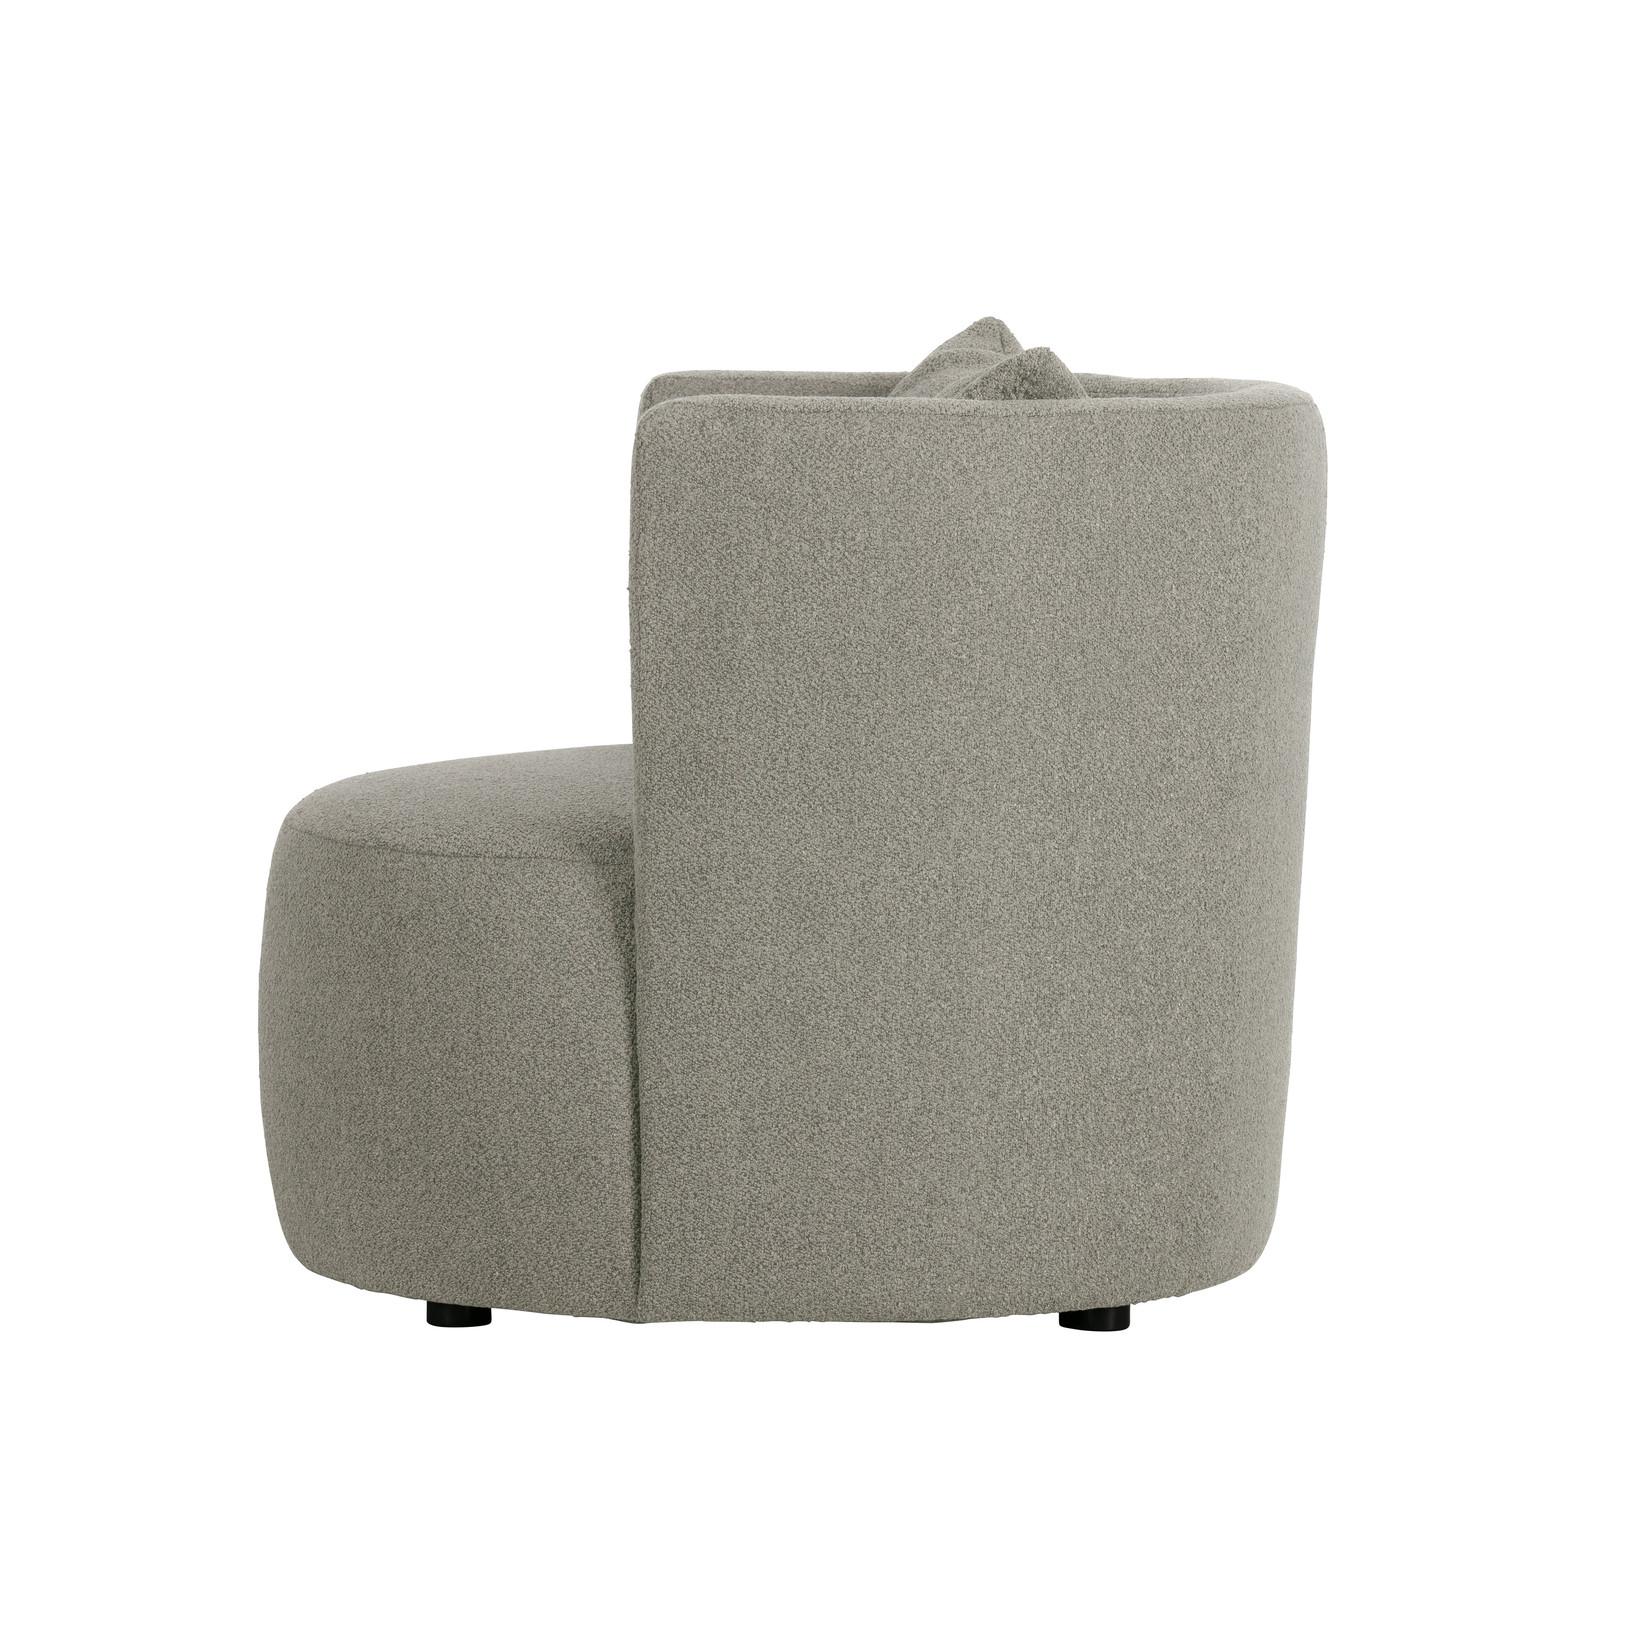 vtwonen Explore fauteuil bouclÉ grijs